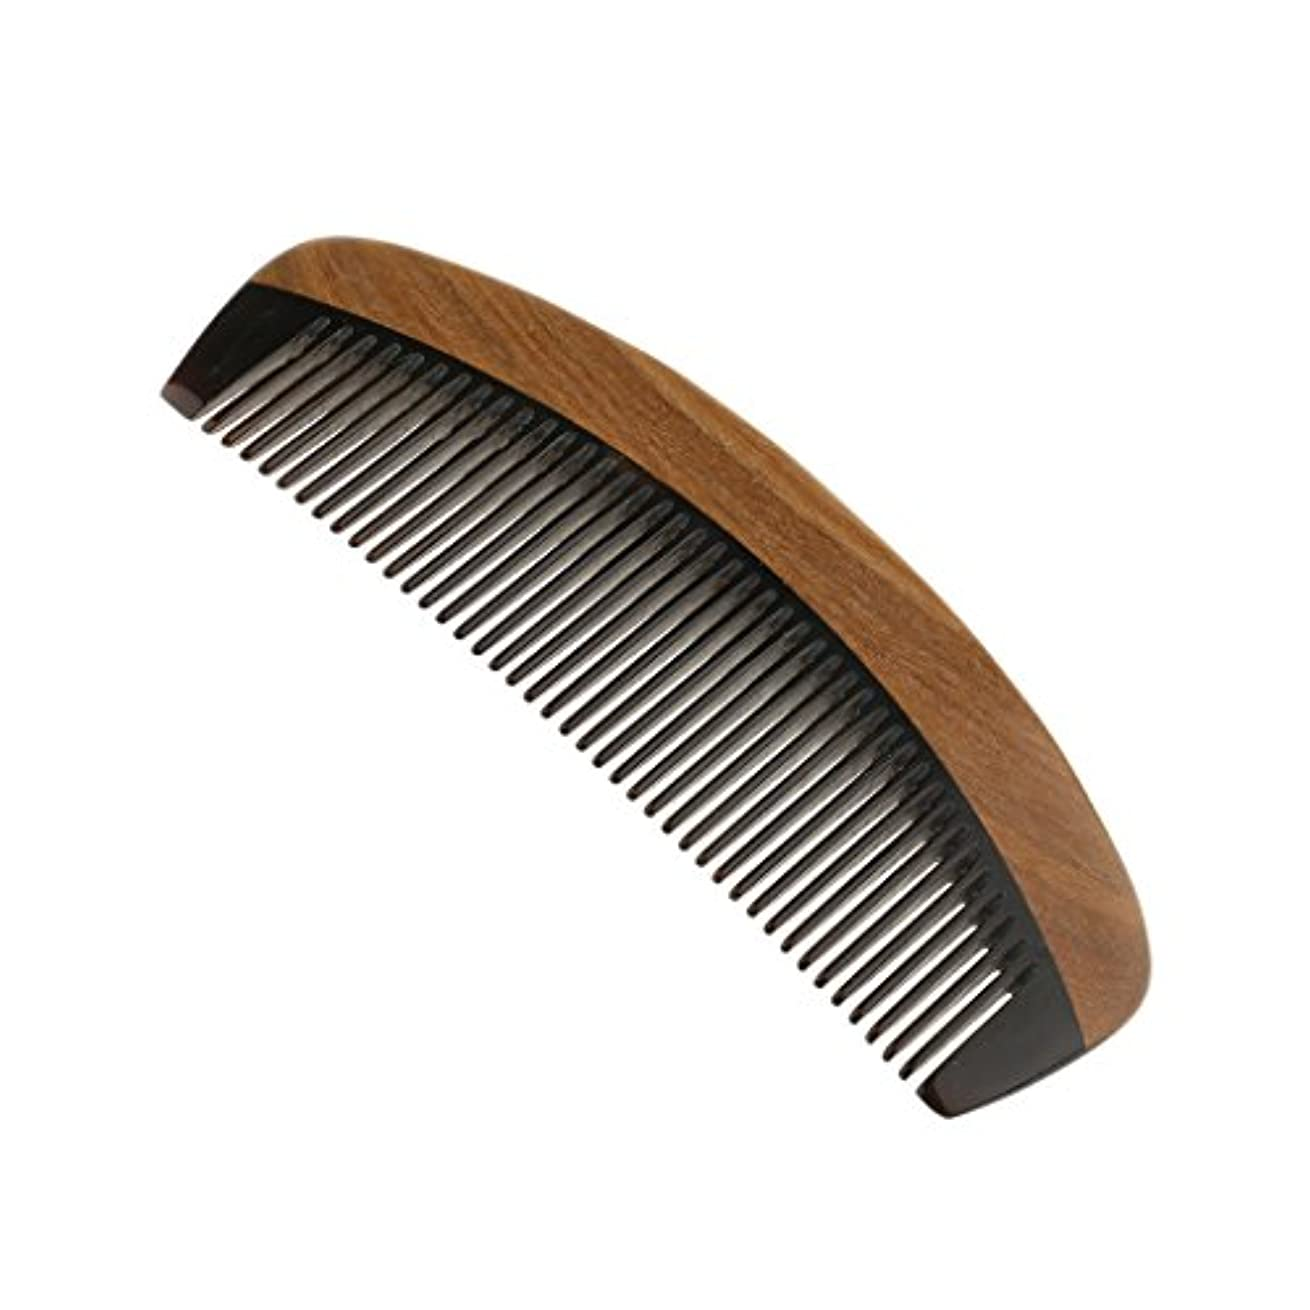 つぼみ銀河苛性ウッドコーム 櫛 木製 ハンドメイド 静電気防止 高品質 マッサージ リラックス 便利